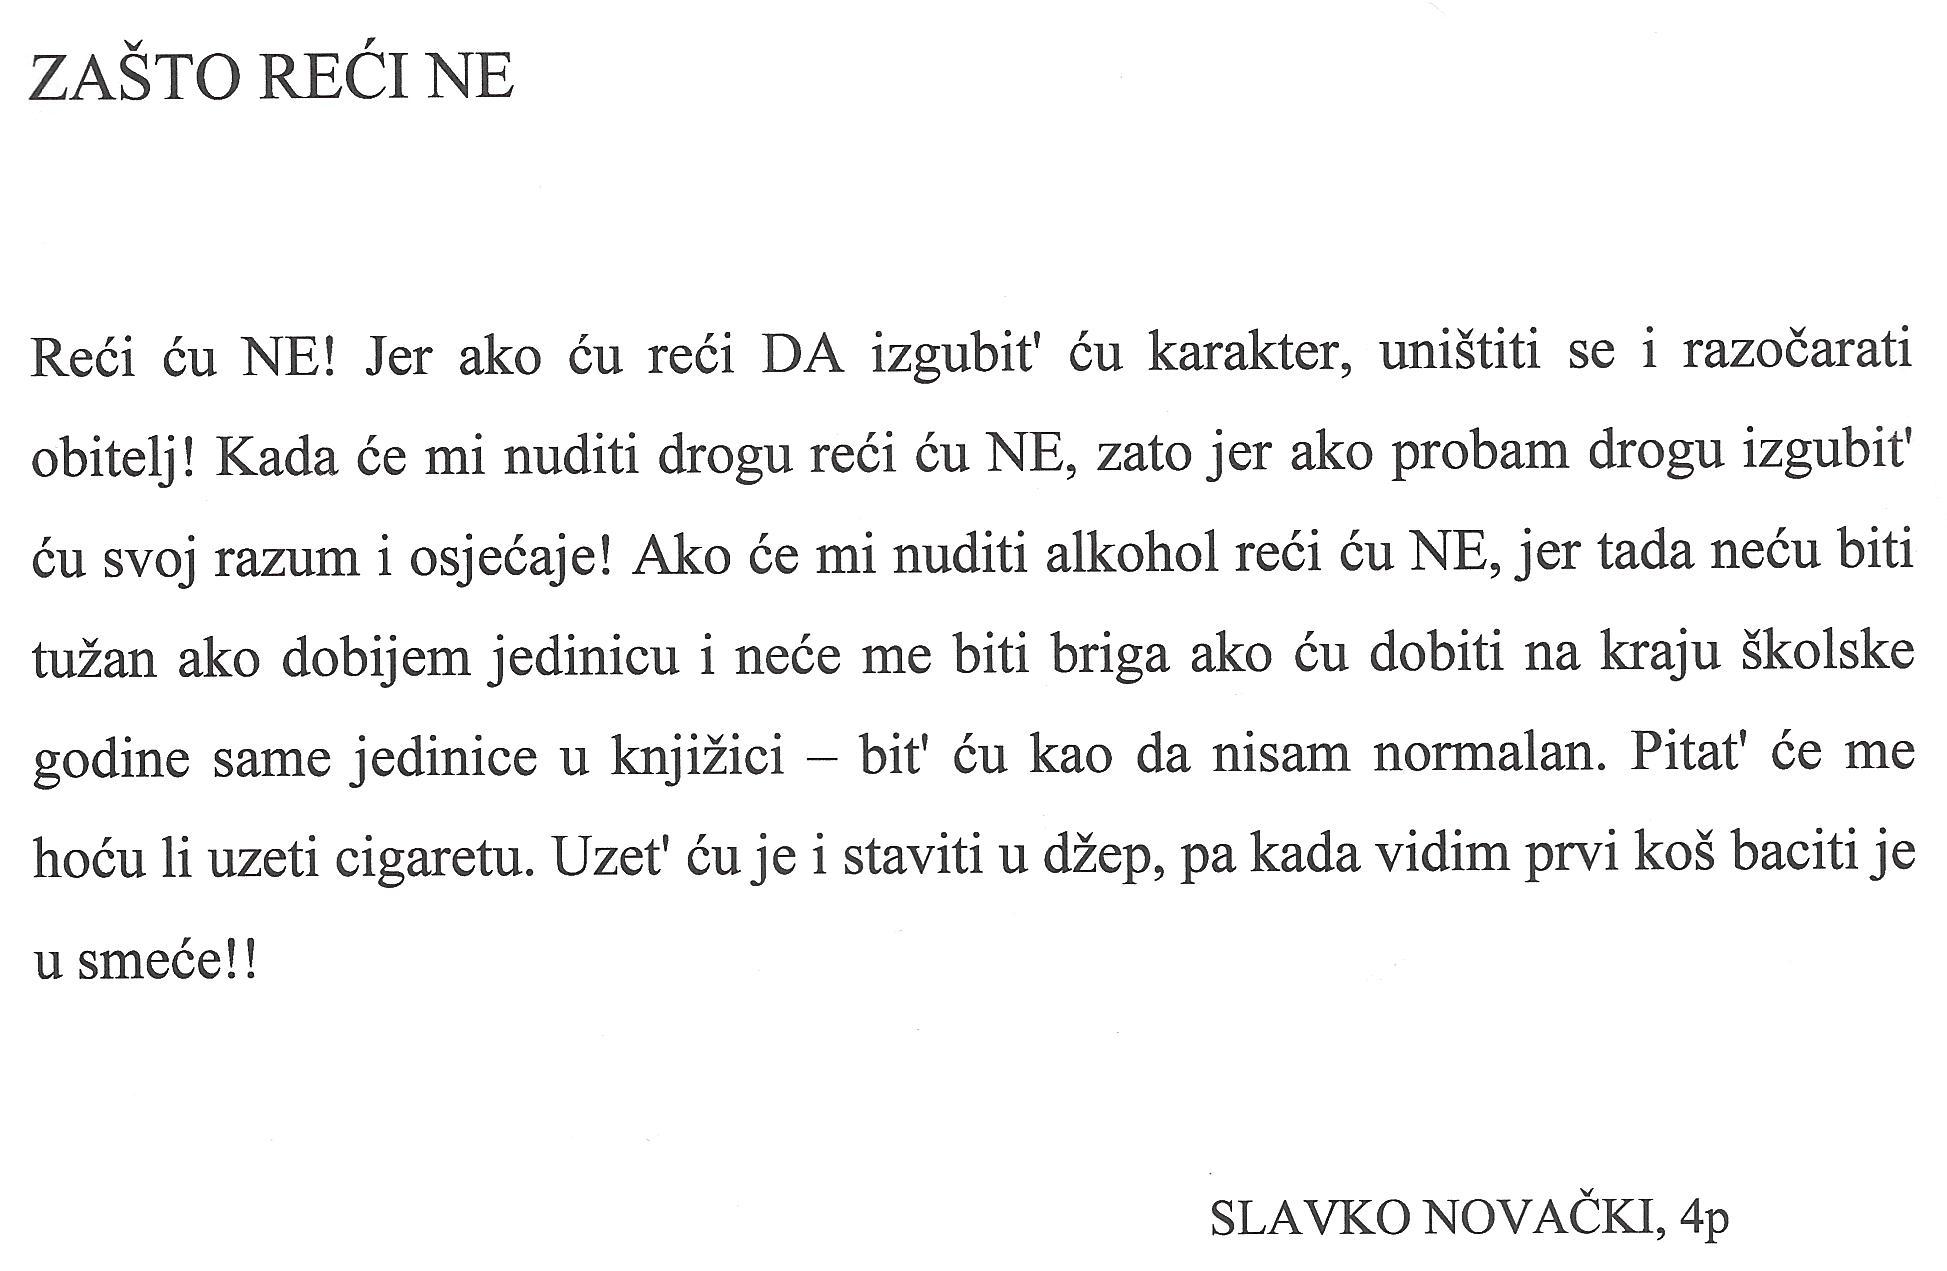 Zasto_reci_ne_Slavko_borba_protiv_ovisnosti